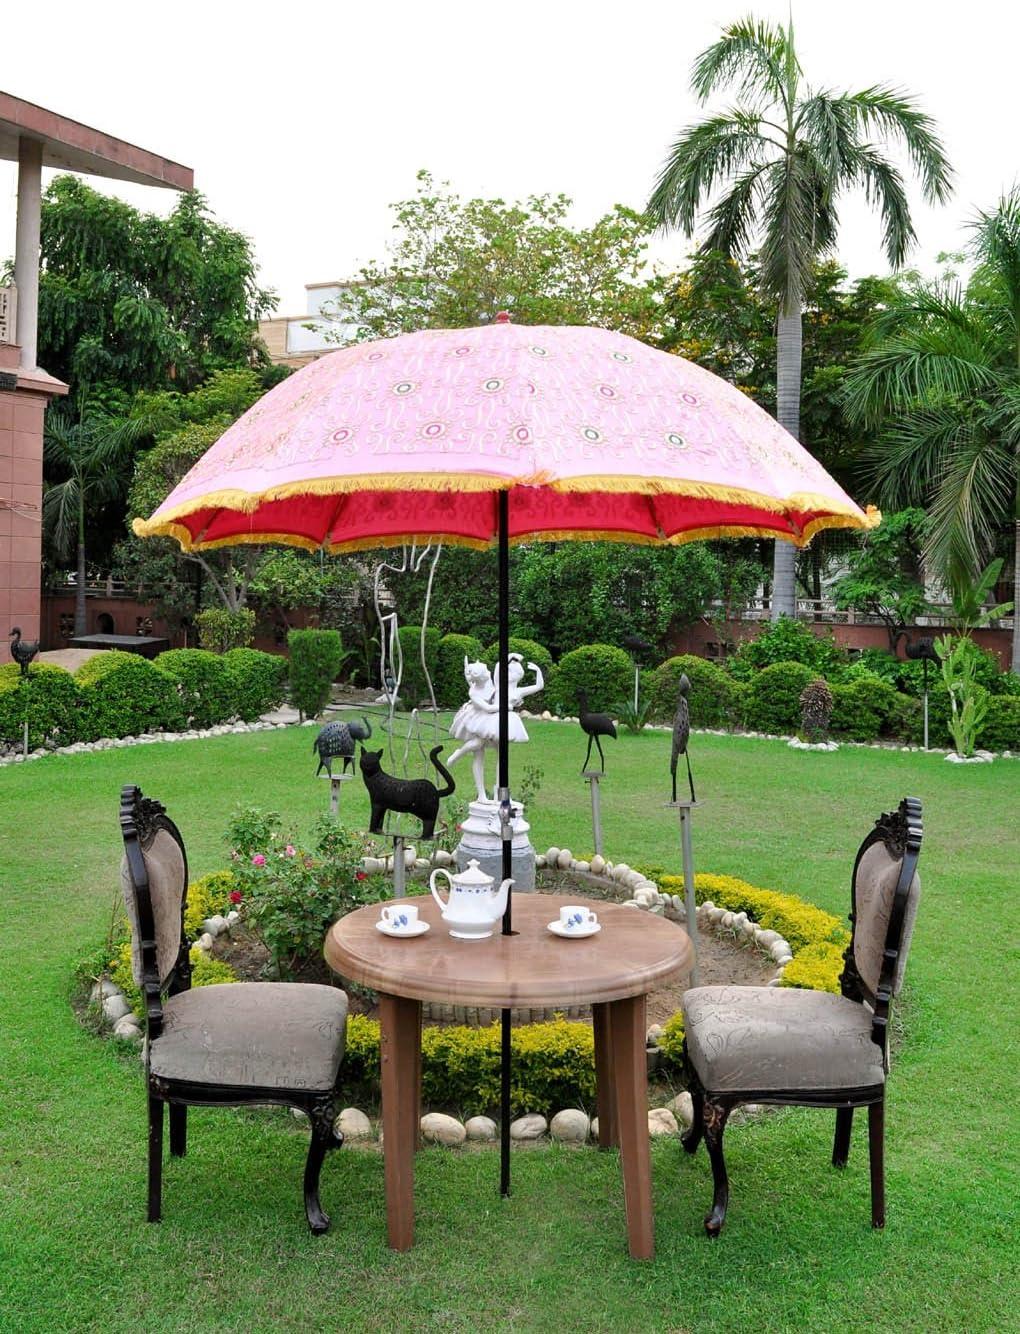 Decorativo al aire libre Paraguas Parasol Sombrilla de jardín grande 133 x 183 cm: Amazon.es: Jardín